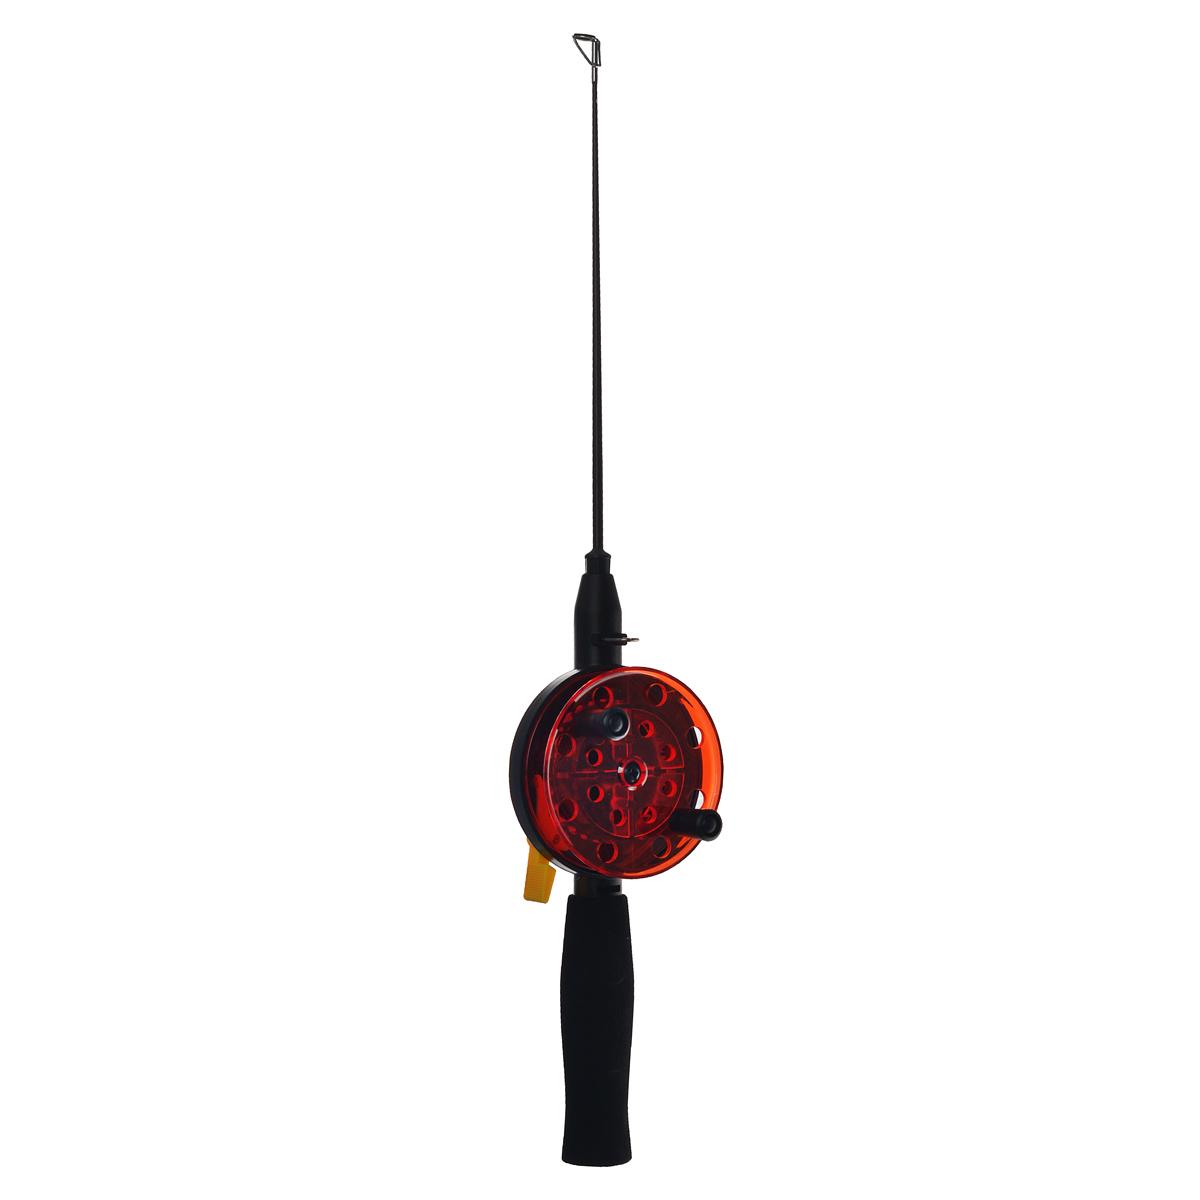 Удочка зимняя SWD HR103, цвет: черный, красный, d 54 мм, ручка неопрен 10 см, хл -кар 20 см. BJX0102